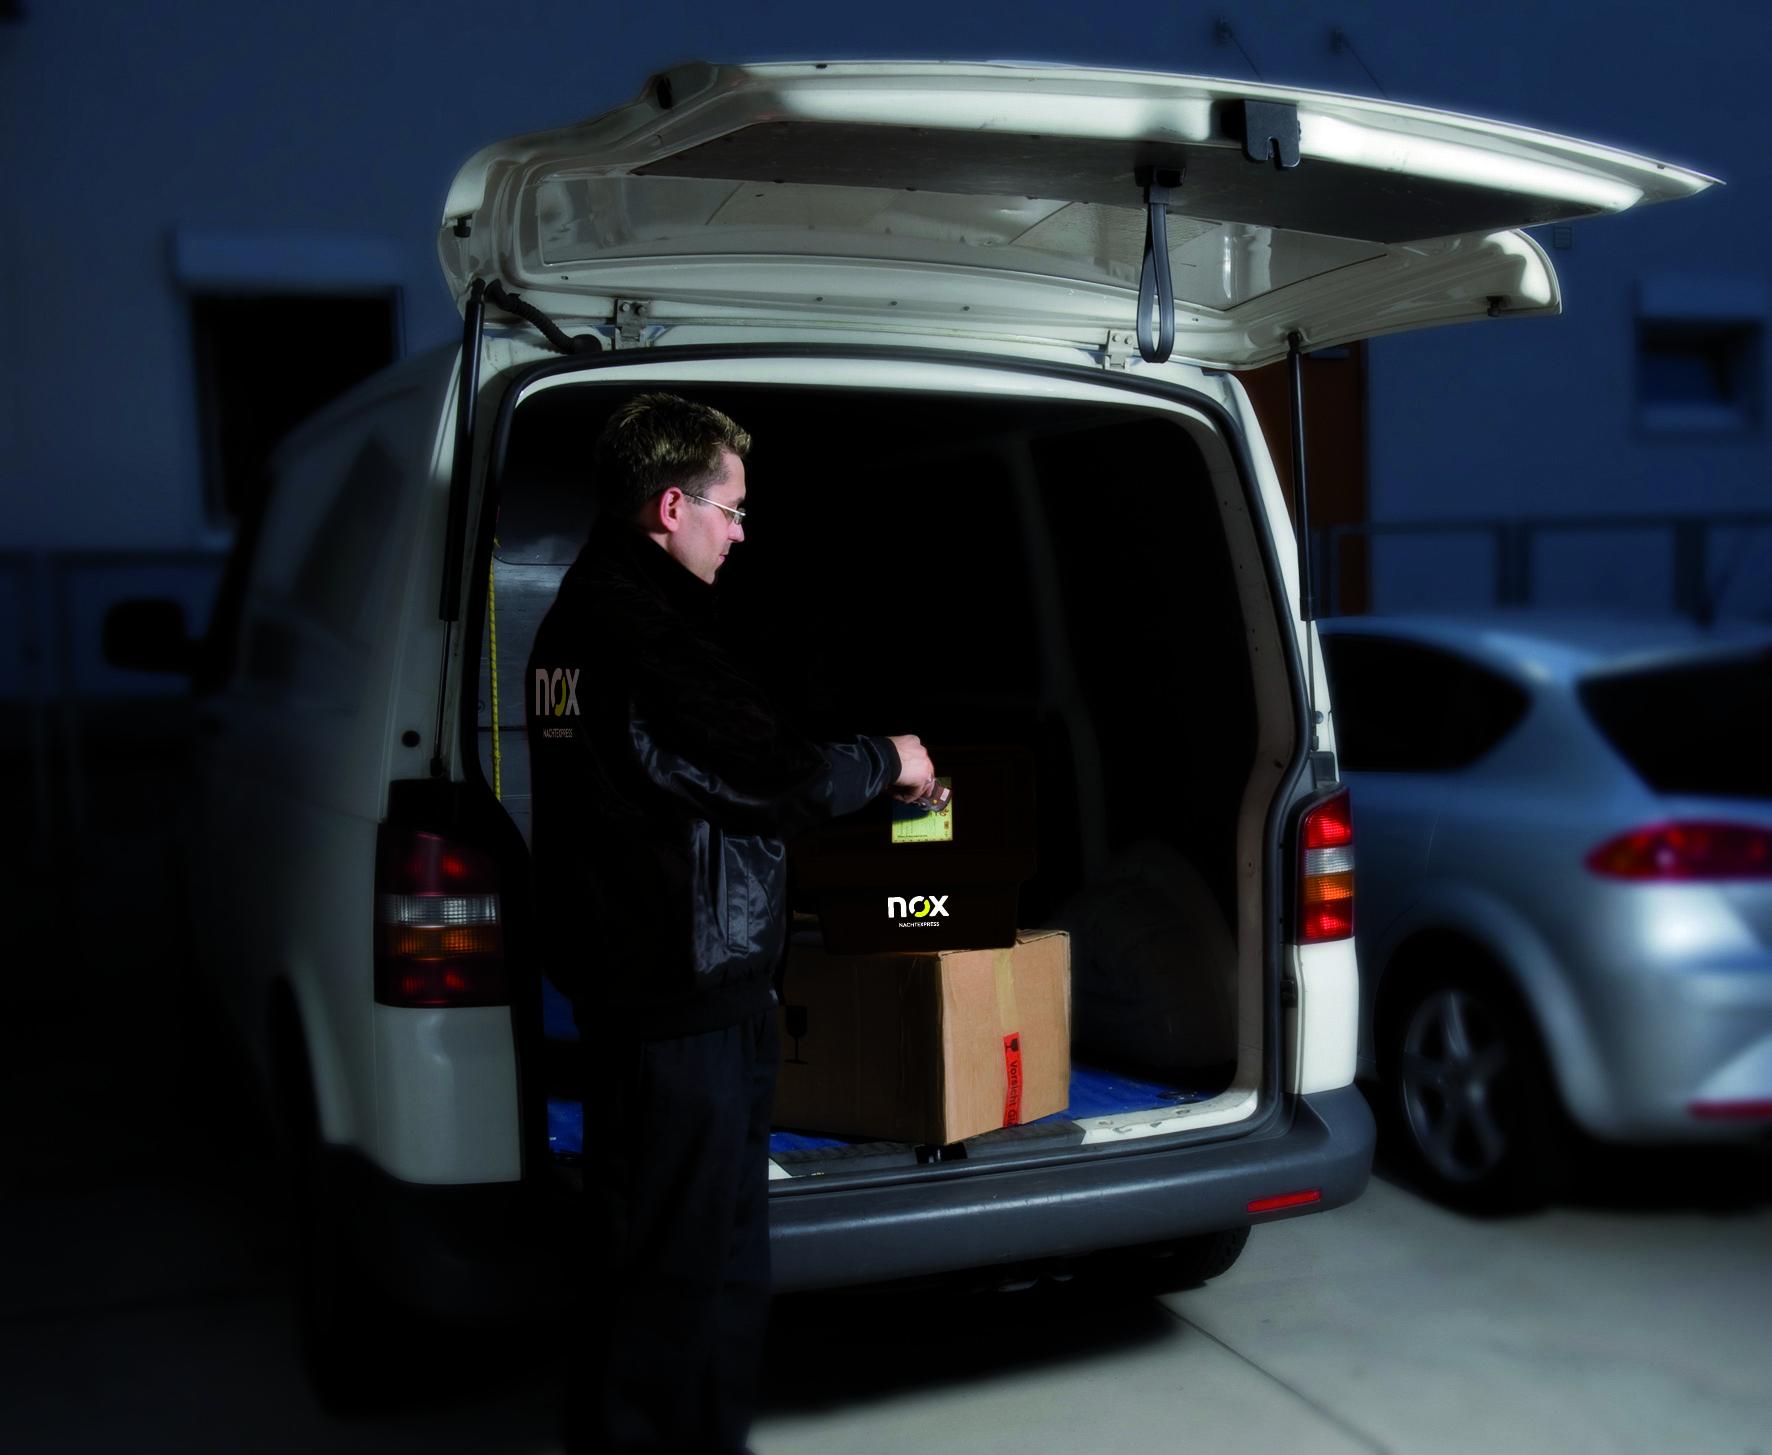 Speciaal voor de levering van servicemonteurs biedt TNT Innight trunk-bezorging aan. Dankzij flexibele leverings- en tijdopties vindt de ontvanger het dringend benodigde reserveonderdeel direct bij aanvang van het werk. Om deze bijzondere service te kunnen bieden, vertrouwen klanten de marktleider in het NachtExpress-segment de sleutels of toegangscodes voor de gedefinieerde parkeerplaatsen toe. TNT Innight beheert momenteel meer dan 50.000 sleutels in heel Duitsland.